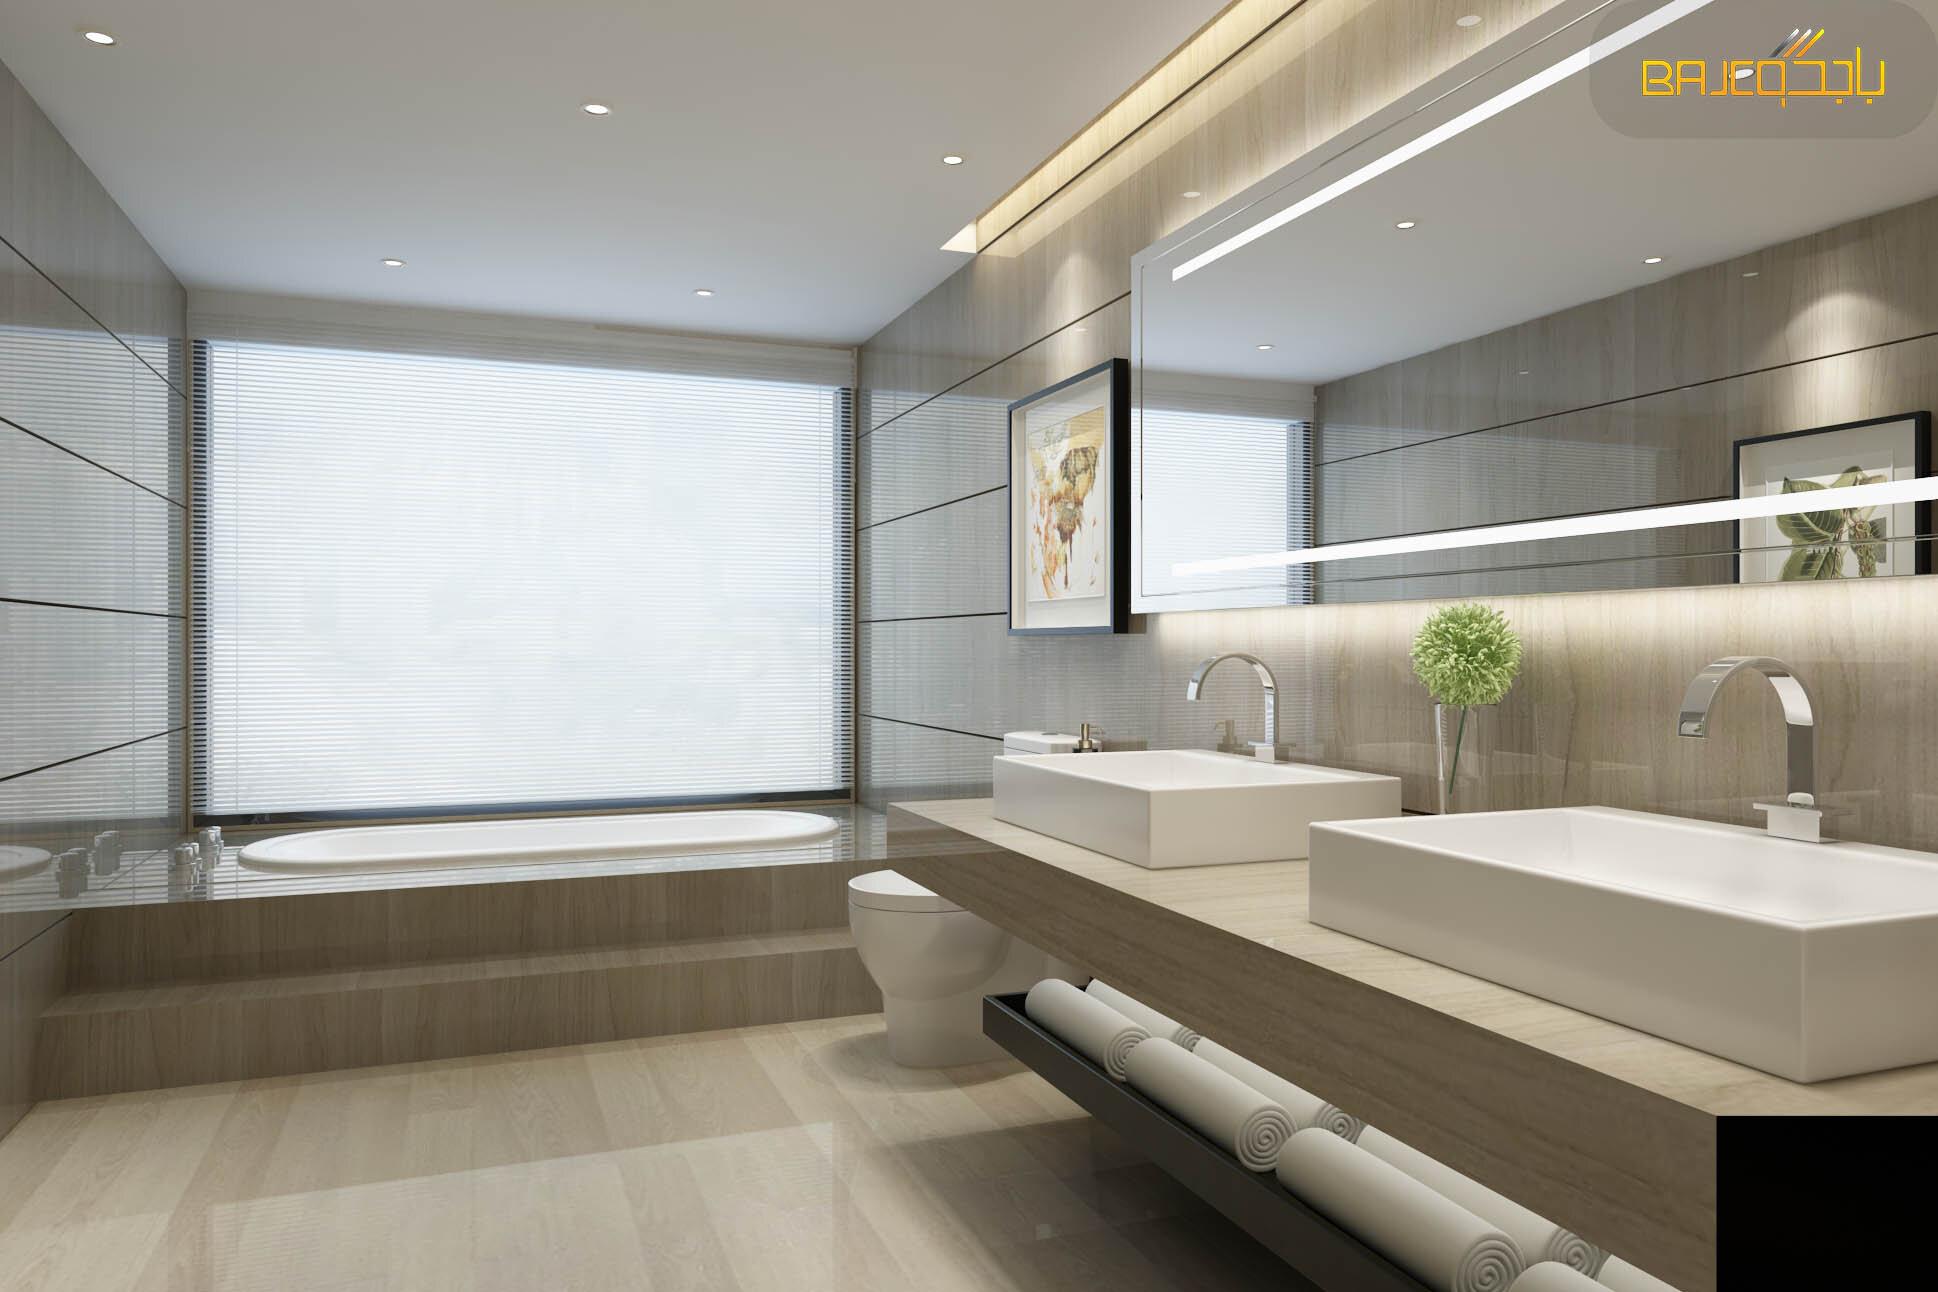 مغسلة من رخام كريم مع احواض خارجية داخل الحمام